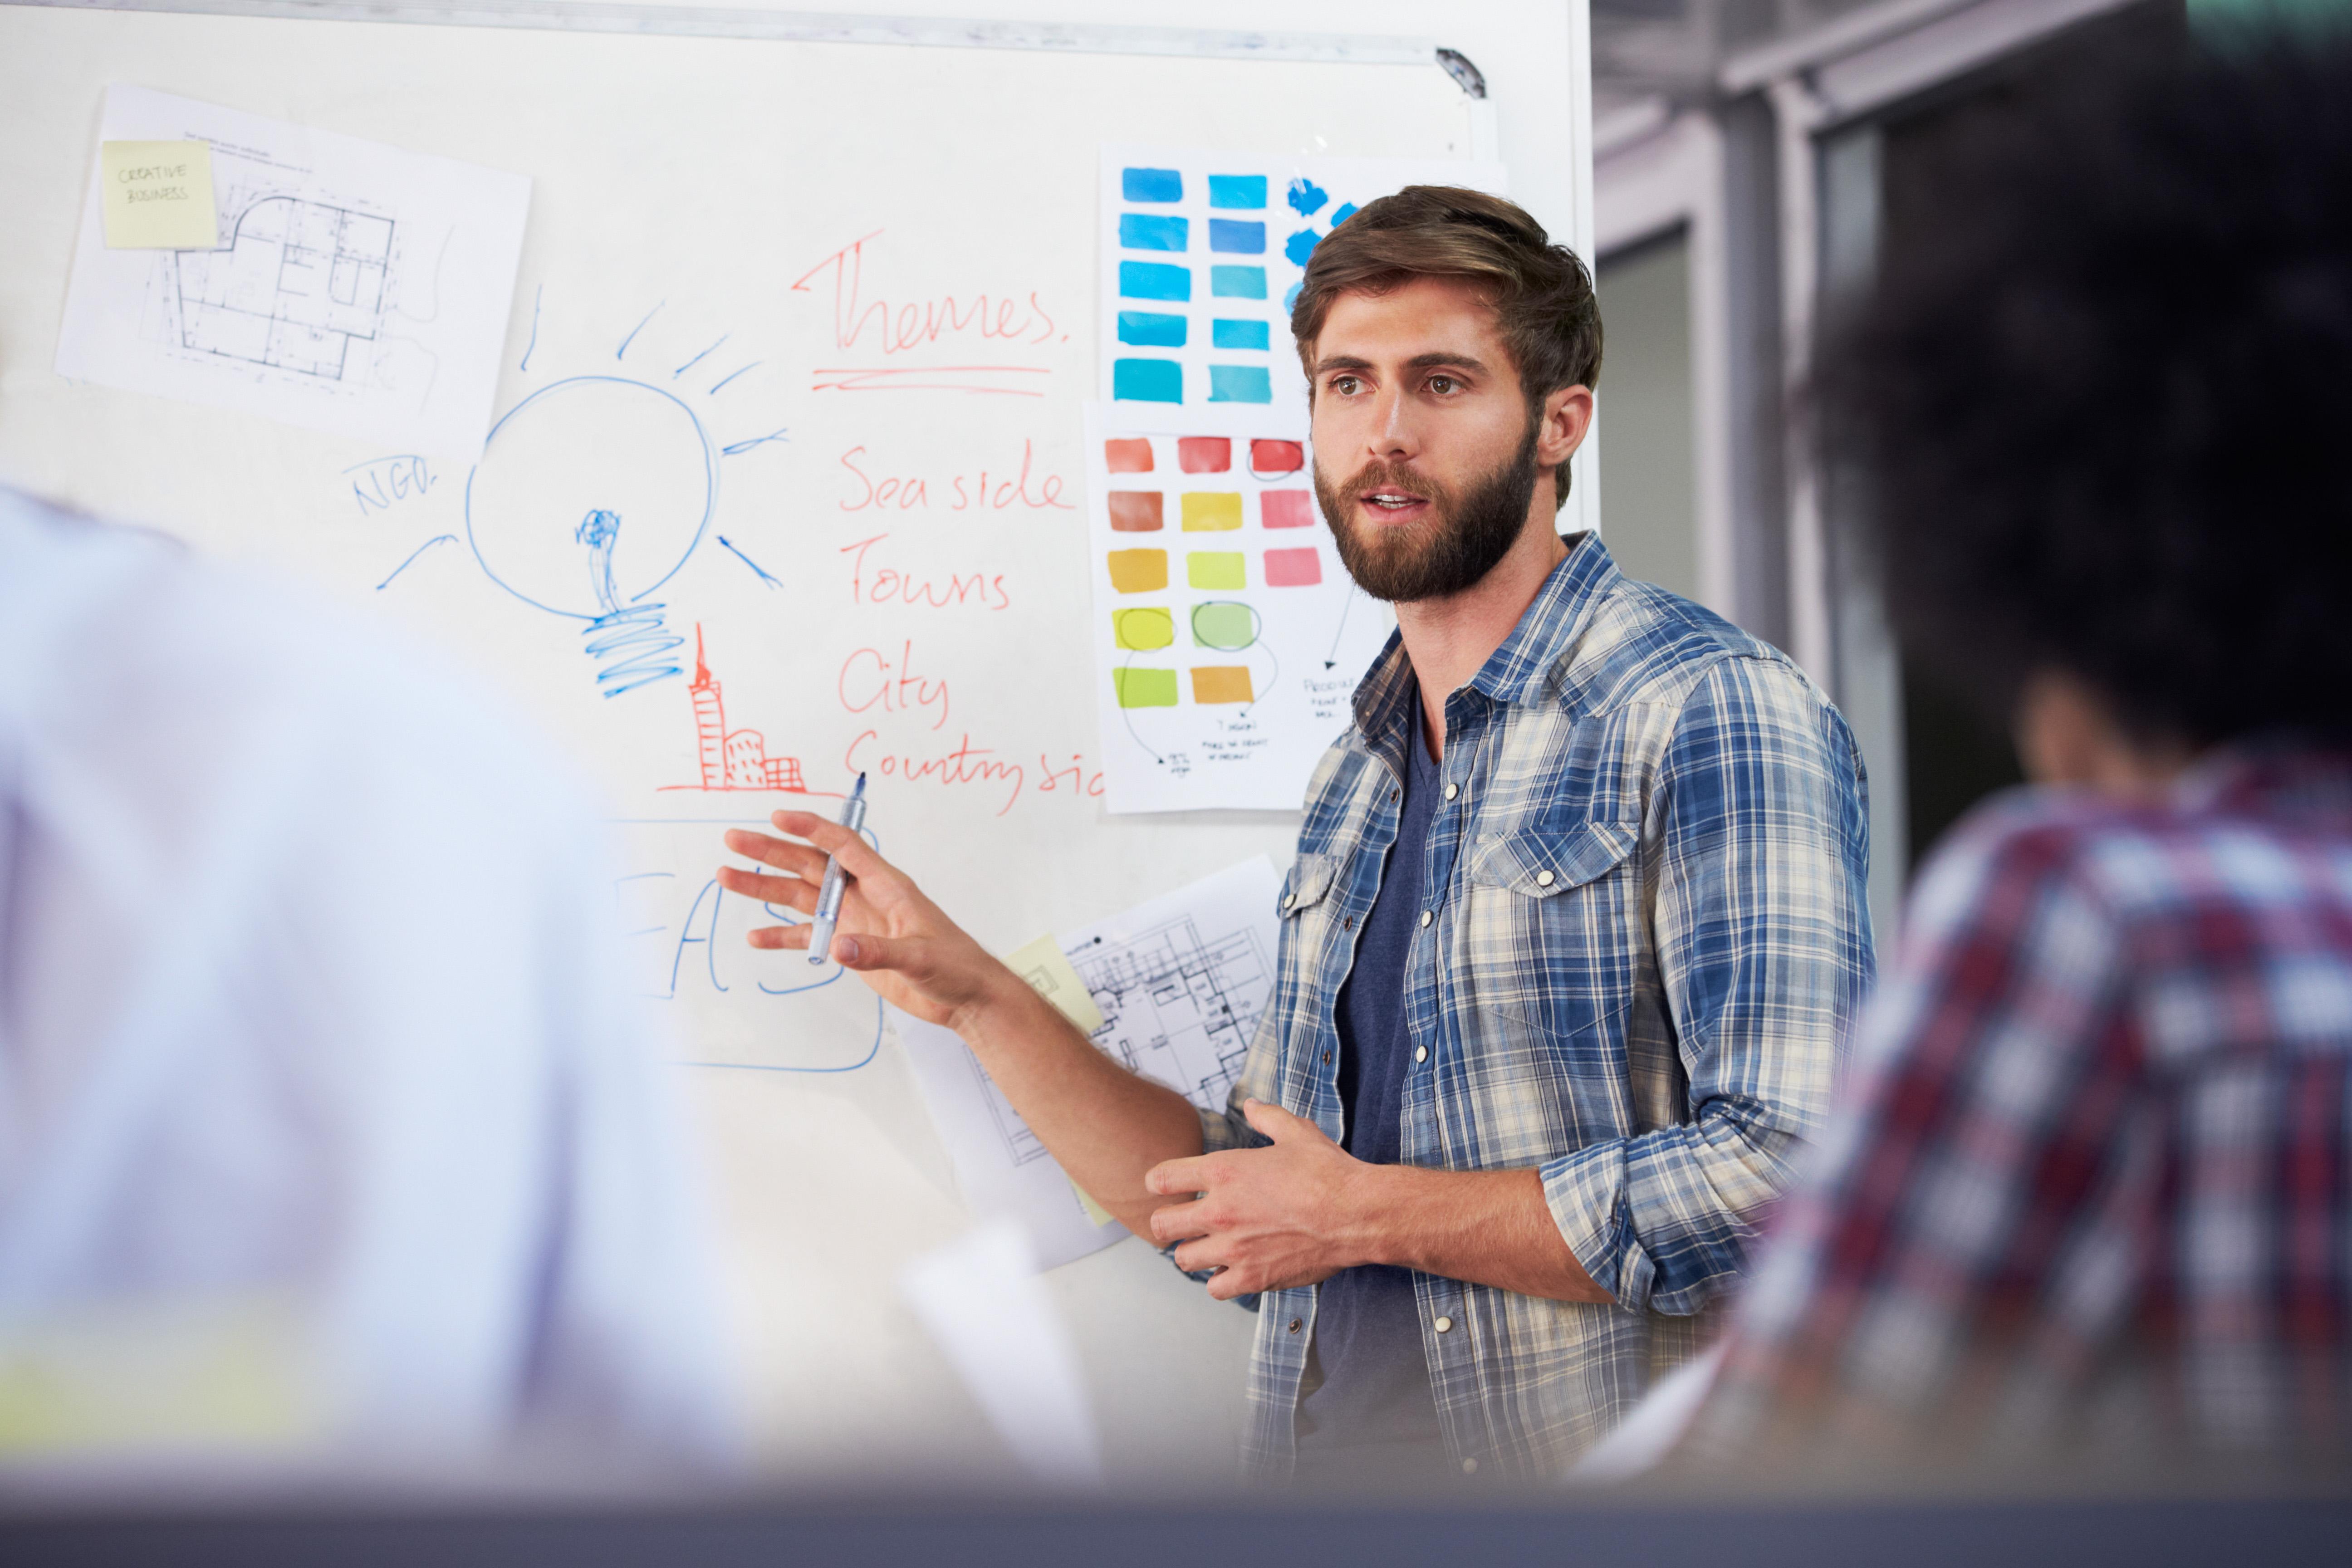 Parcours création et développement de produits innovants centrés utilisateurs